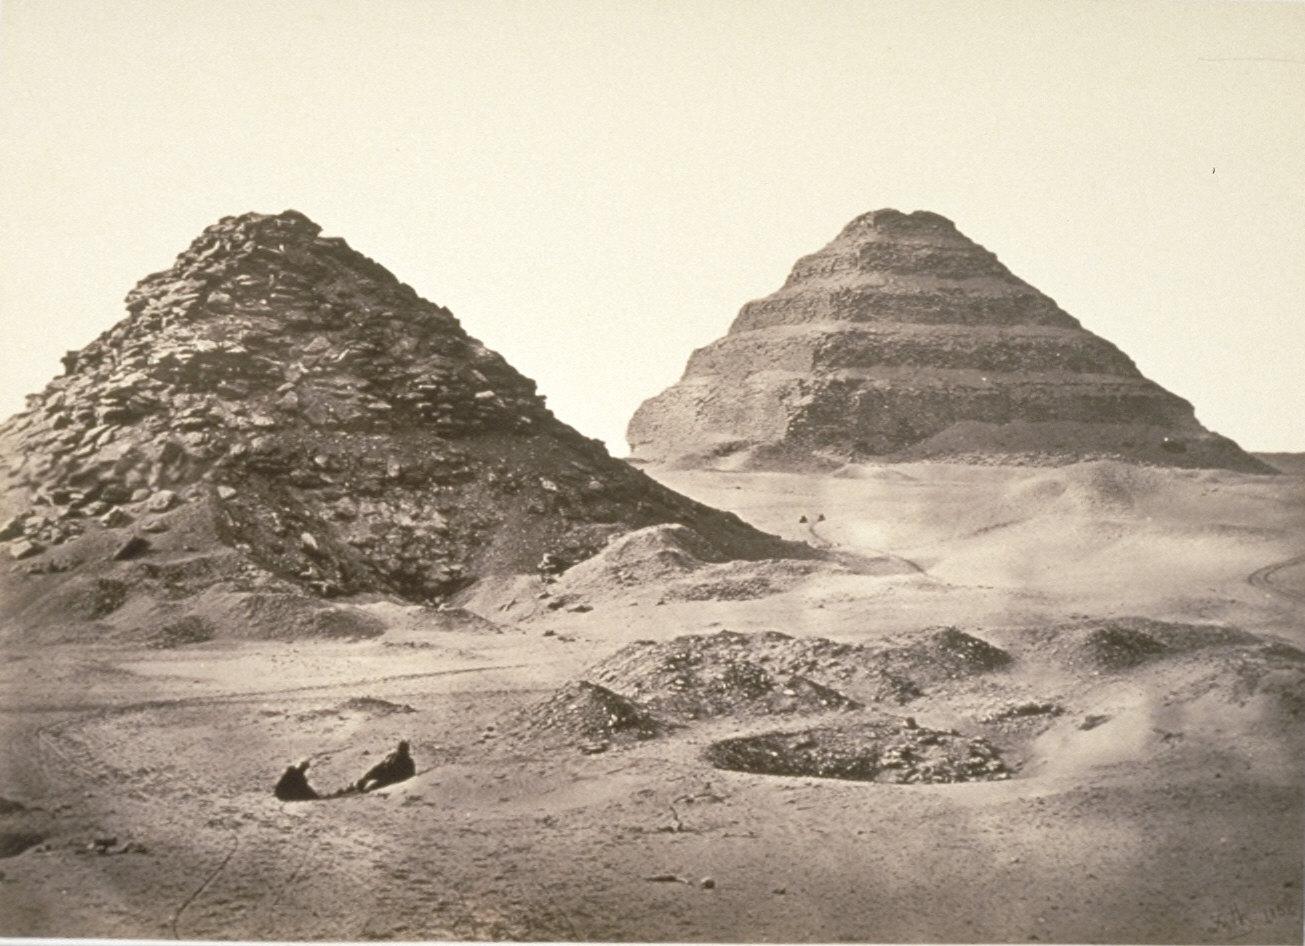 The Pyramids of Sakkarah